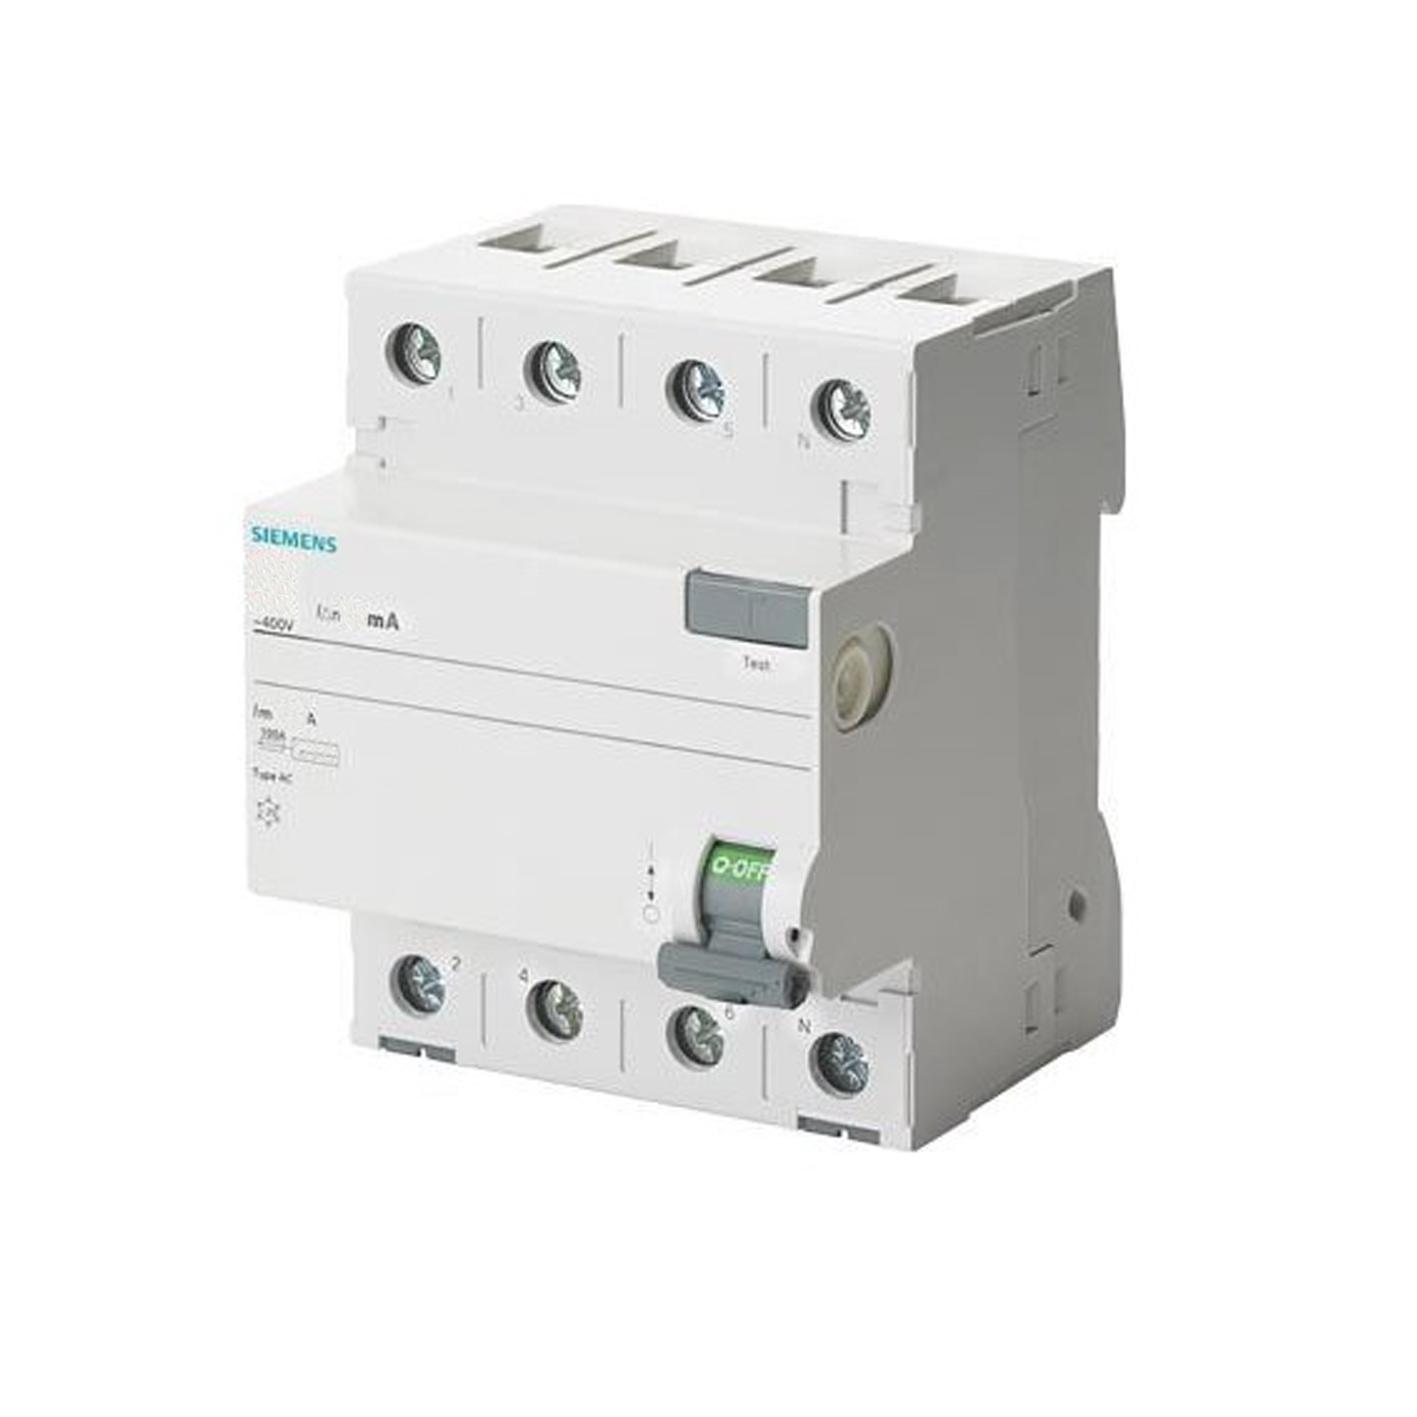 Siemens Kaçak Akım Rölesi 3x63 300mA